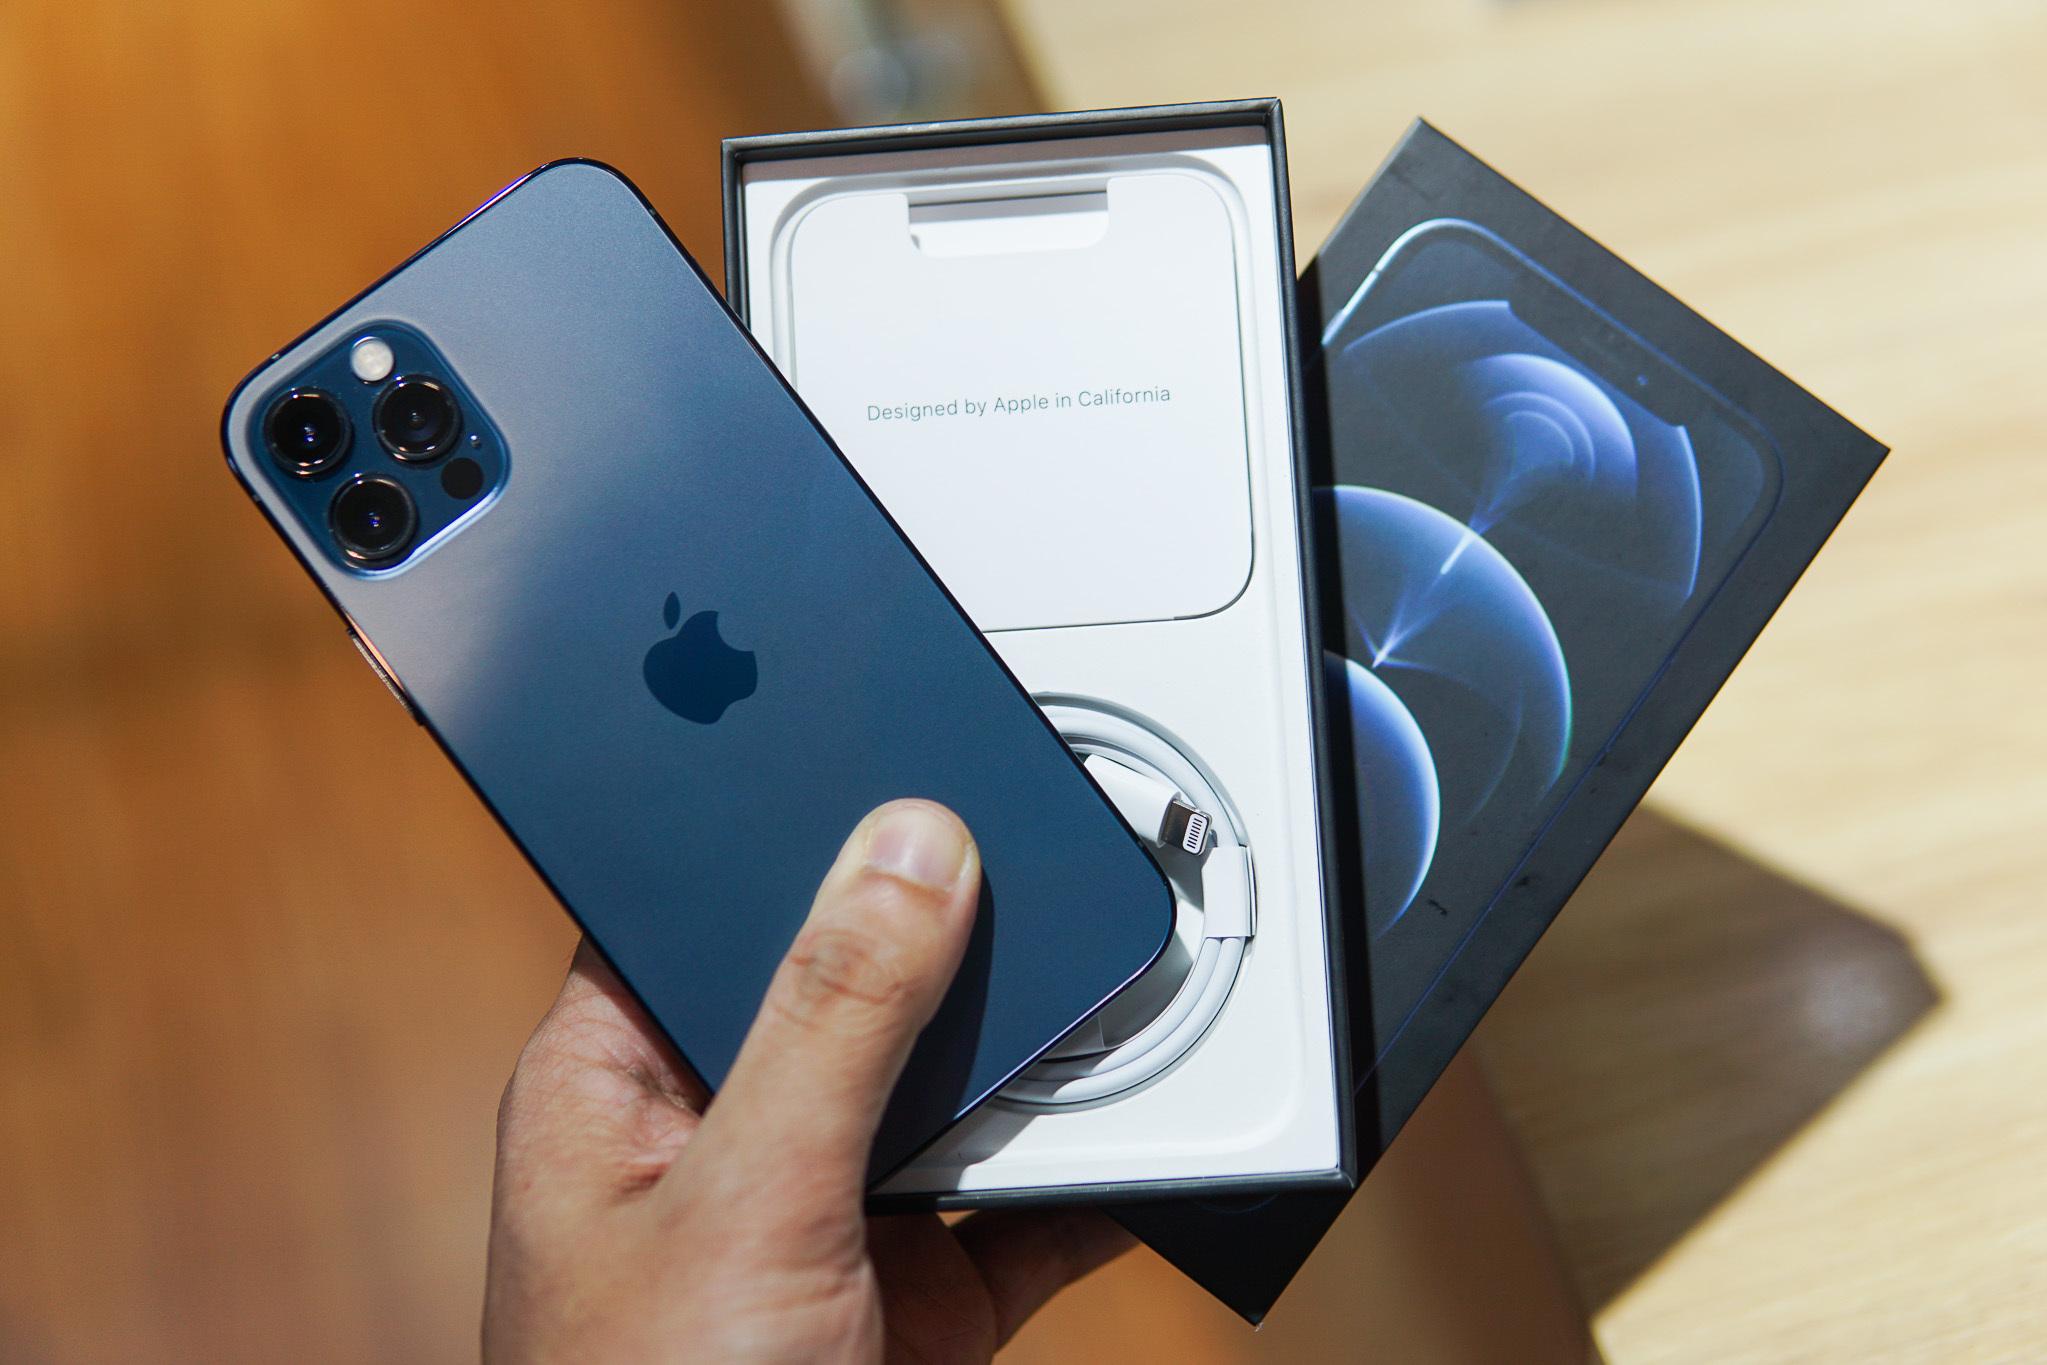 iPhone 12 Pro/Pro Max bản màu xanh và đen giá thường rẻ hơn bản màu trắng và vàng. Ảnh: Lưu Quý